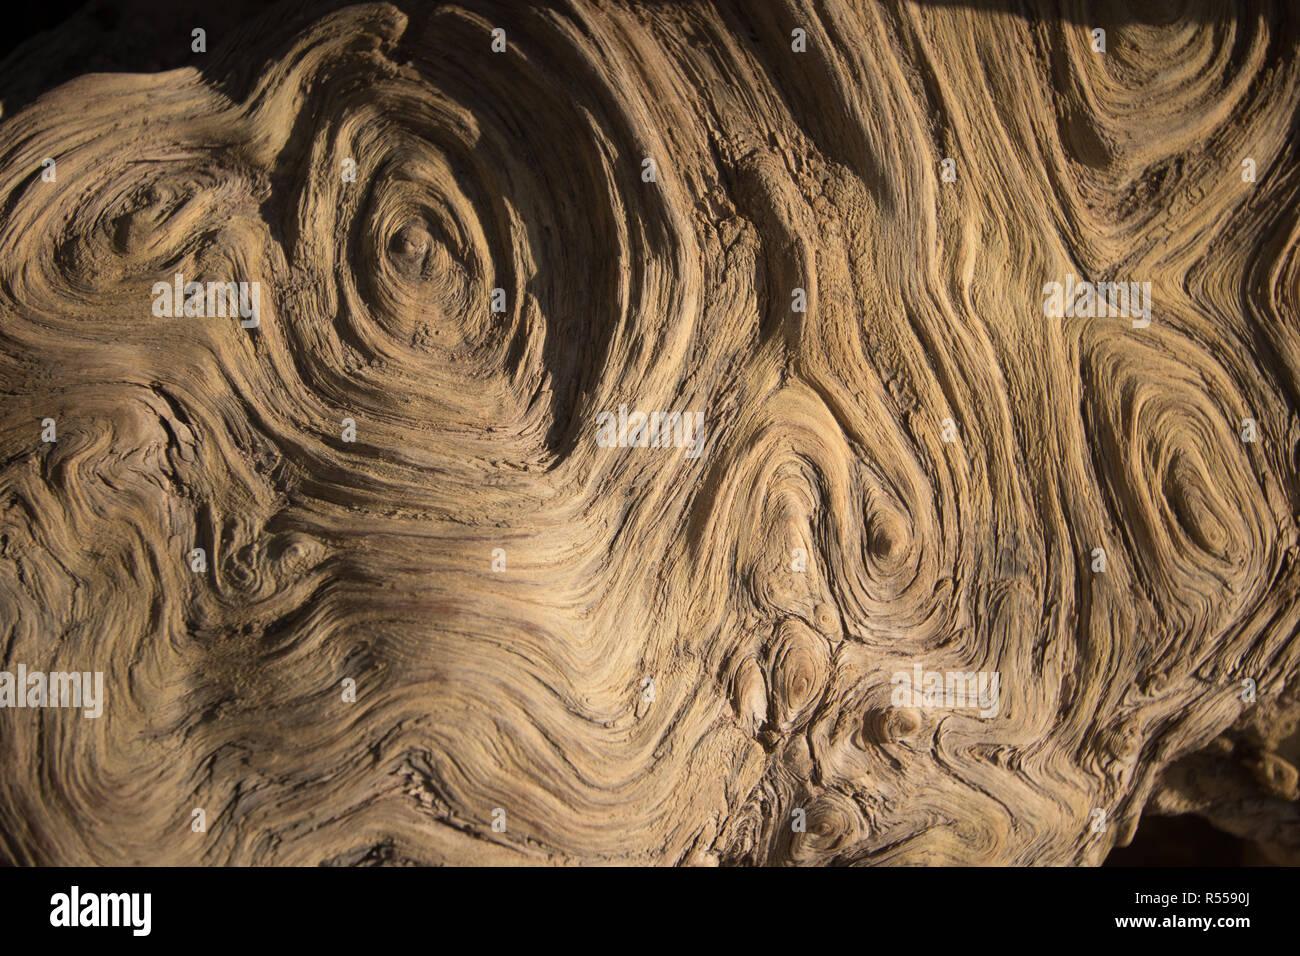 Holzformen eines Baumes Linien und Kreise Stockbild